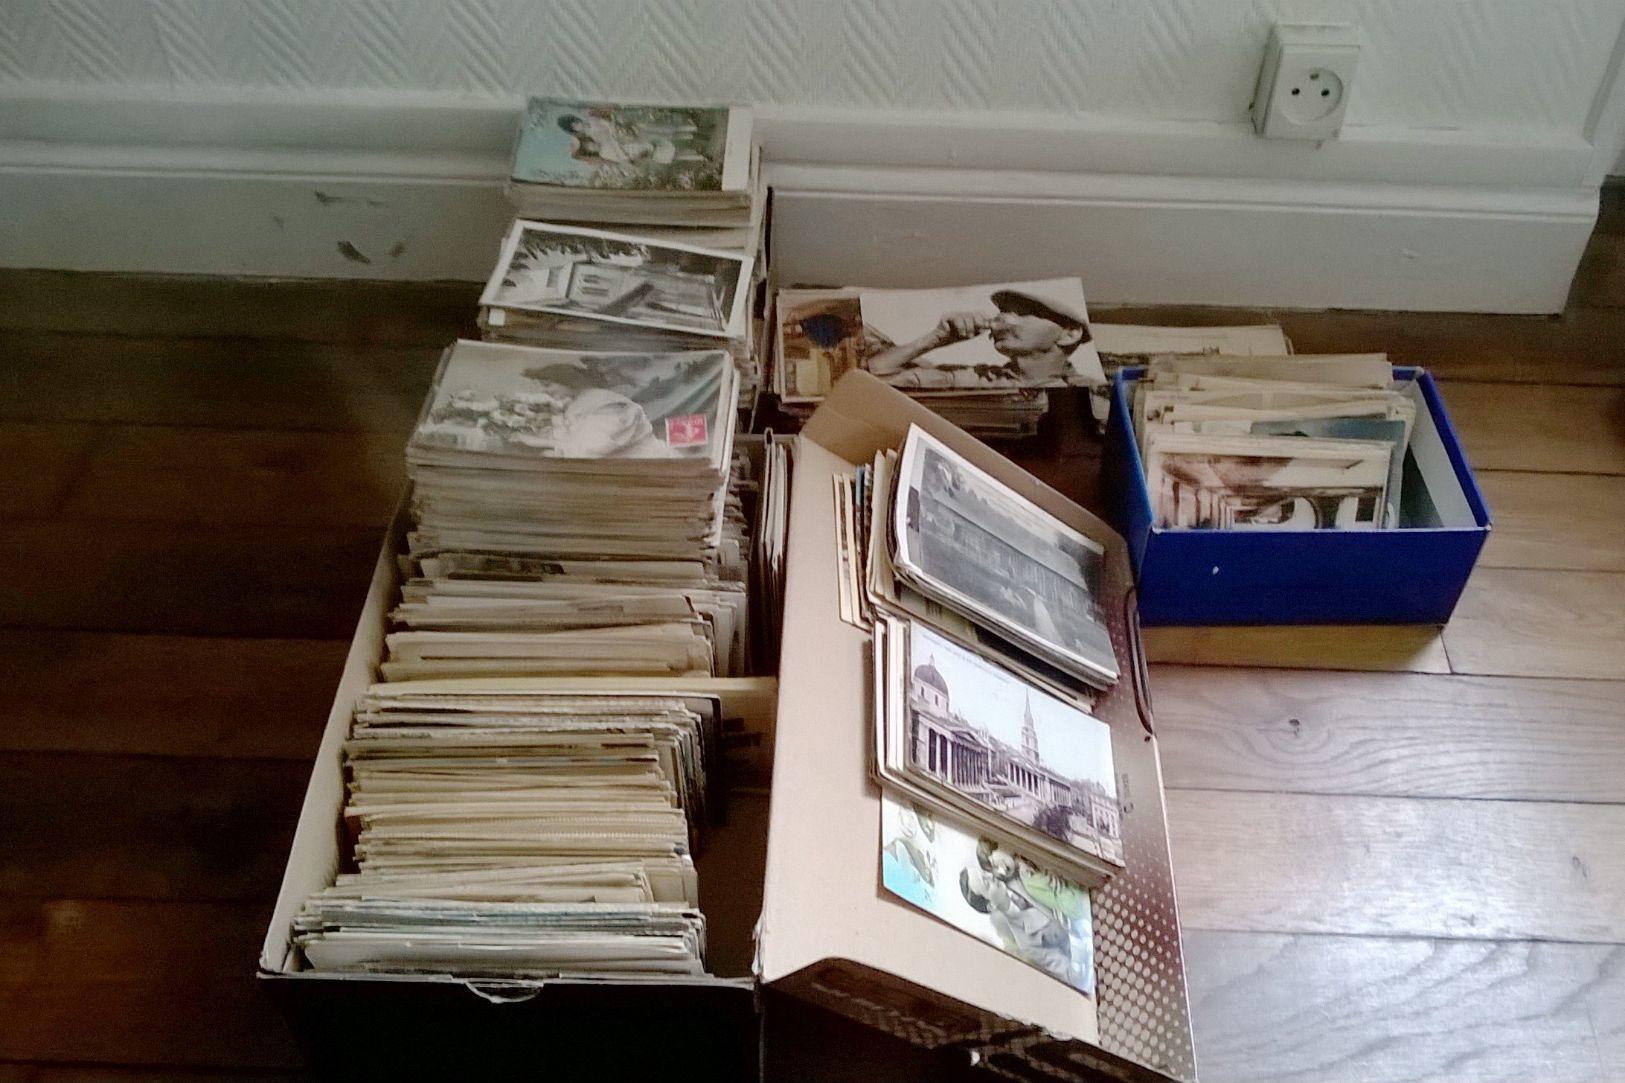 Lot De 2000 Cartes Types Drouille Etat Parfait Pas De Carnet Ni Lourdes - Cartes Postales